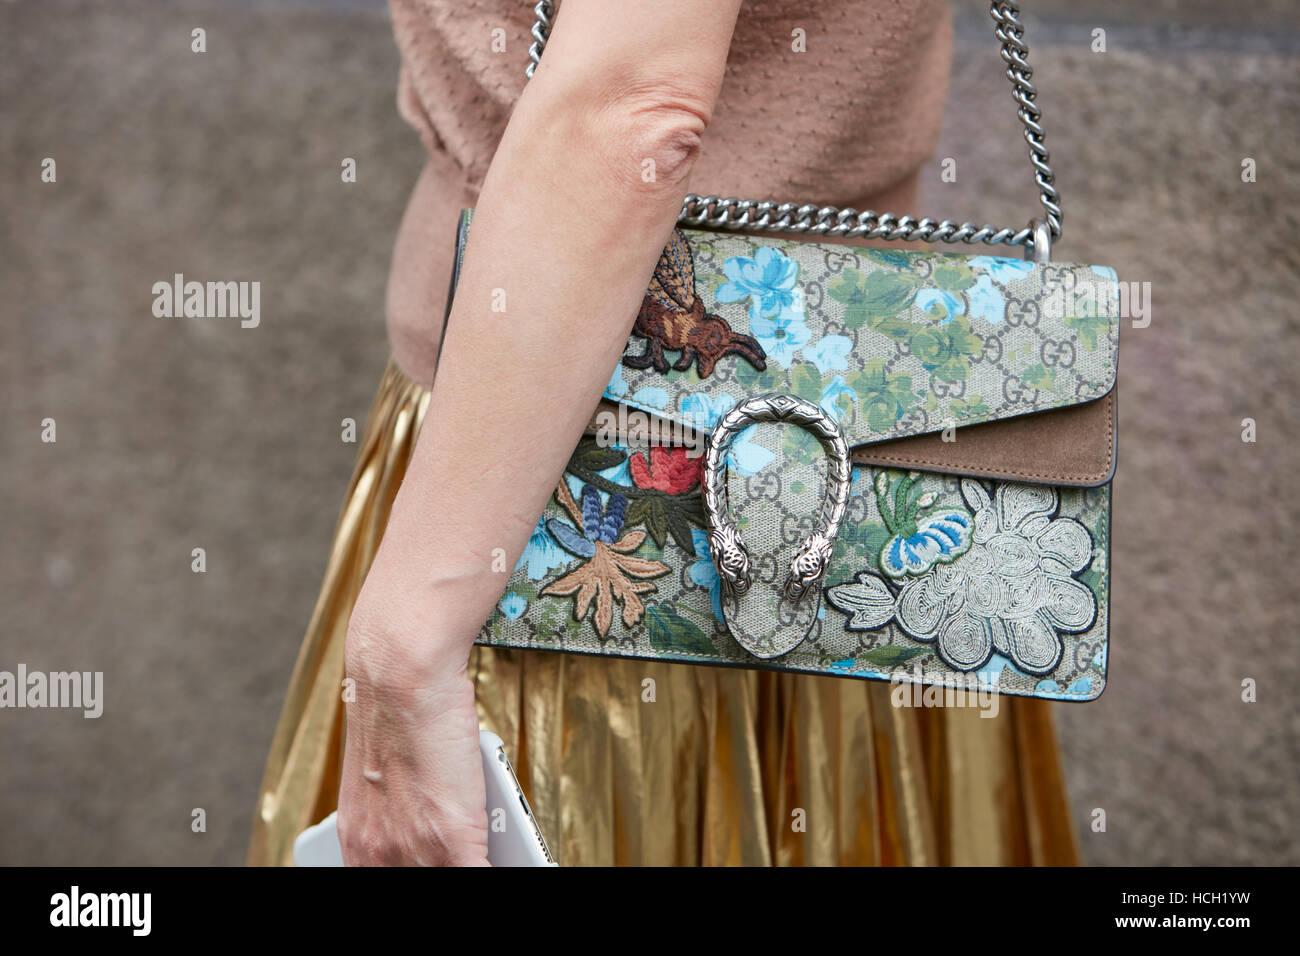 Femme avec sac Gucci avec décoration florale et golden jupe avant Max Mara fashion show, Milan Fashion Week Photo Stock